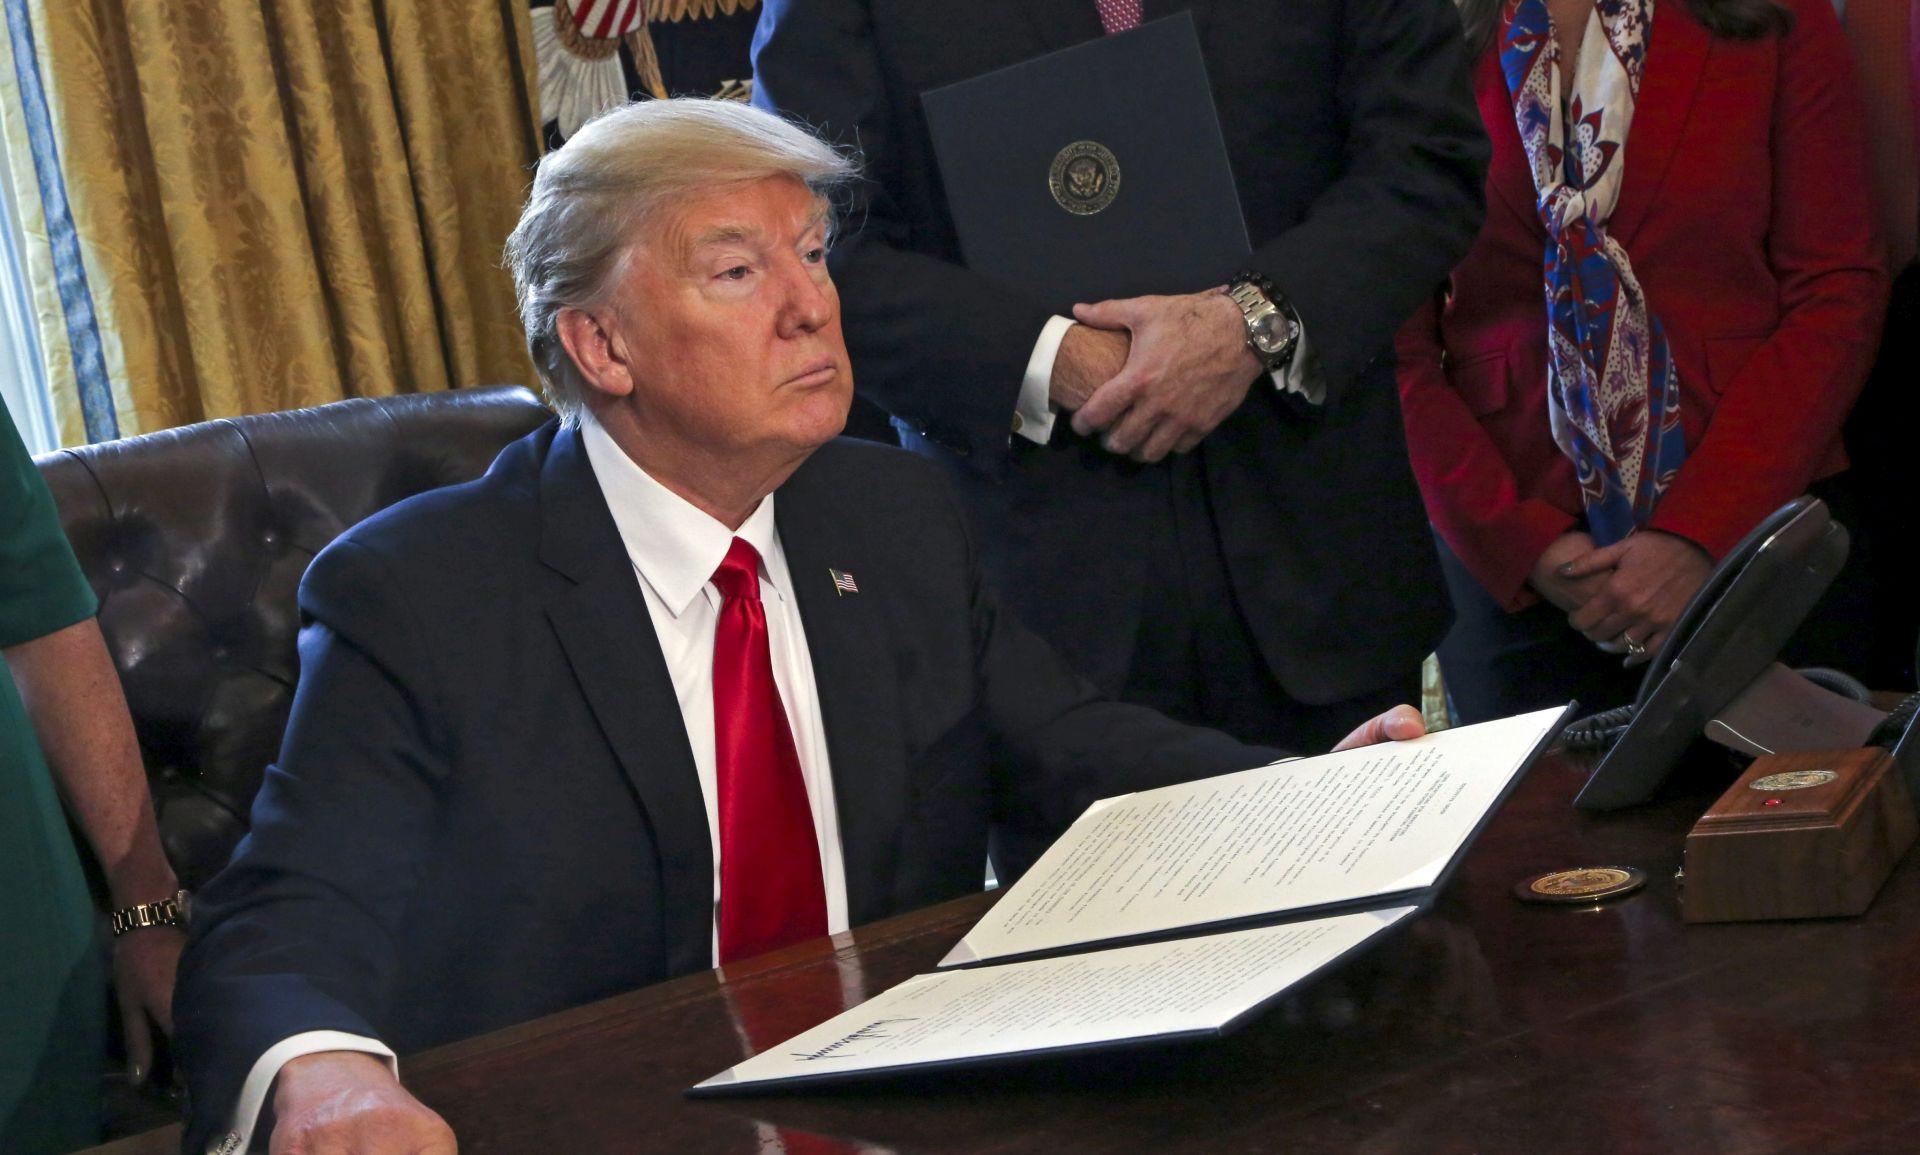 U ponedjeljak se očekuje nova Trumpova uredba o imigrantima